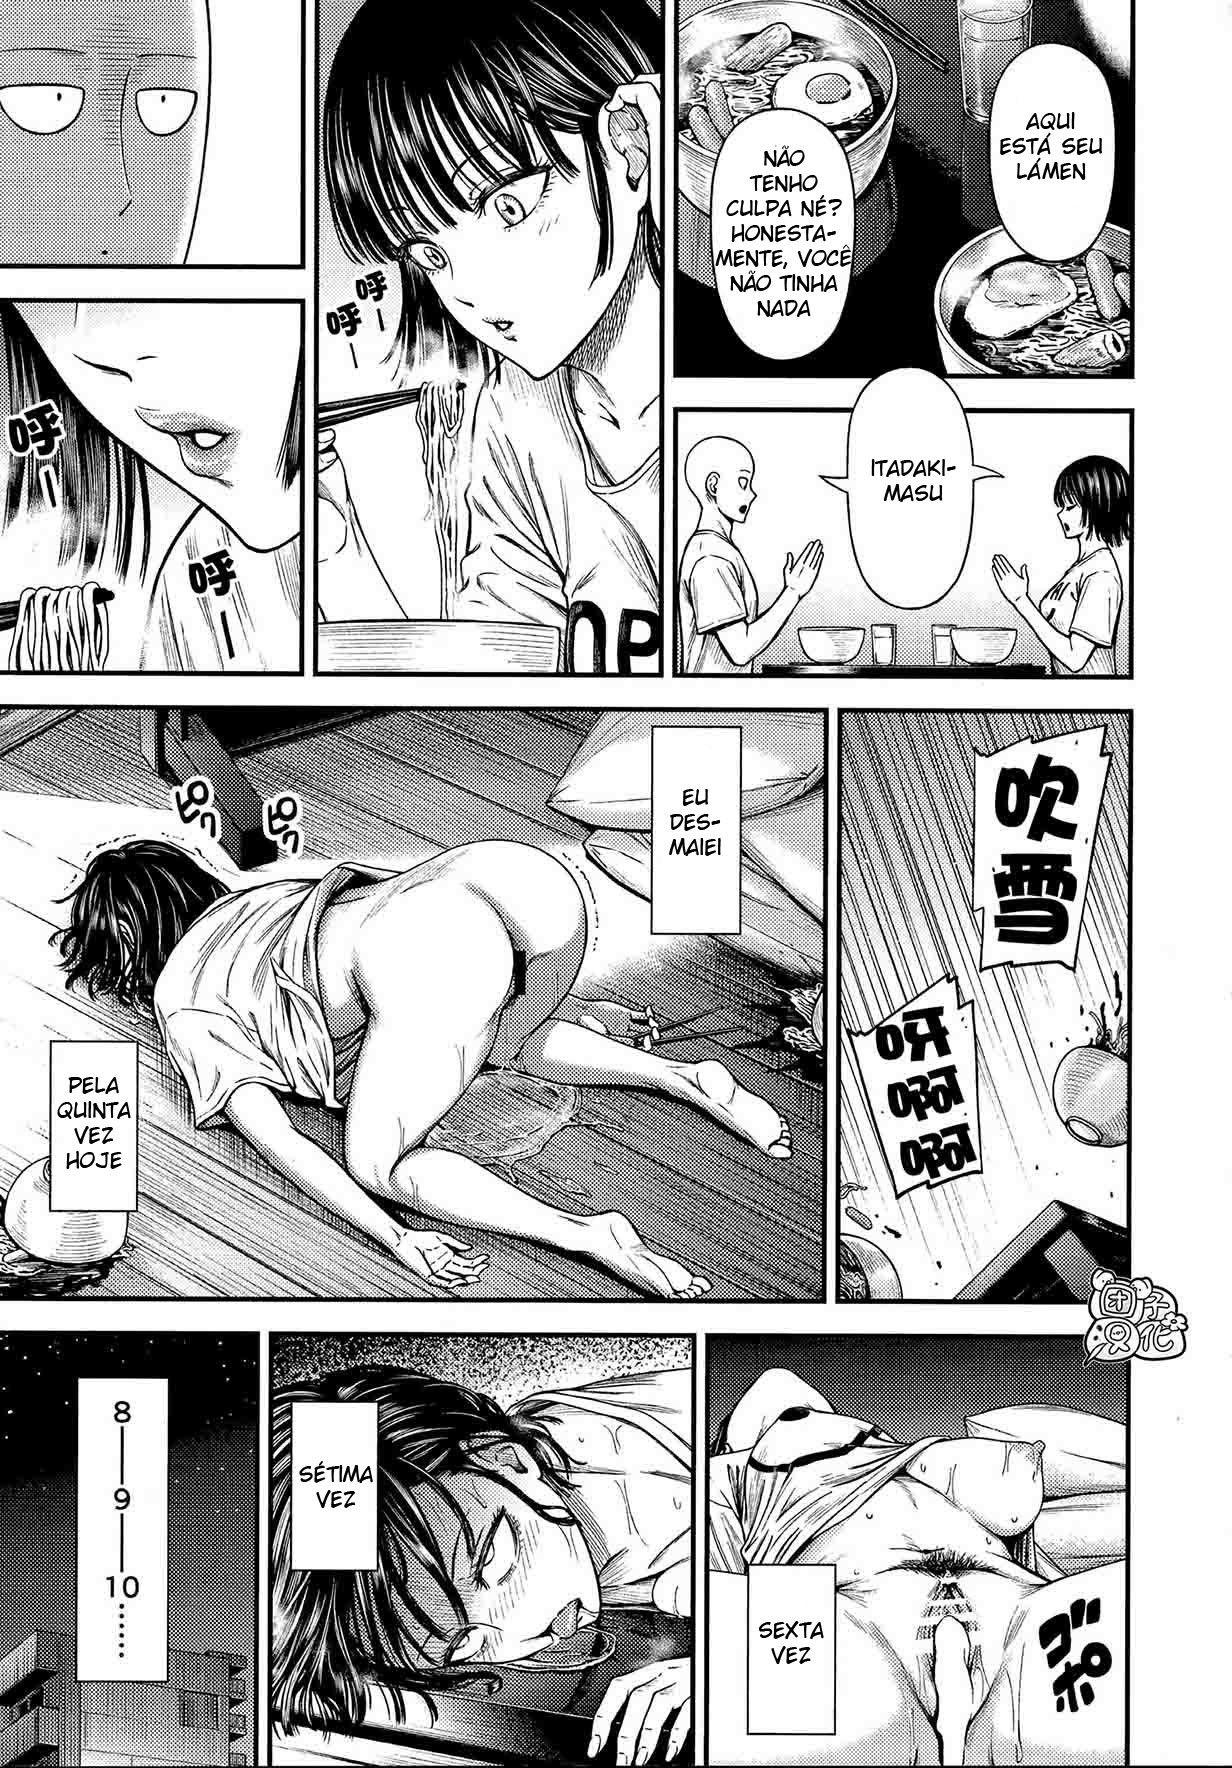 Saitama assumindo à responsabilidade sexual